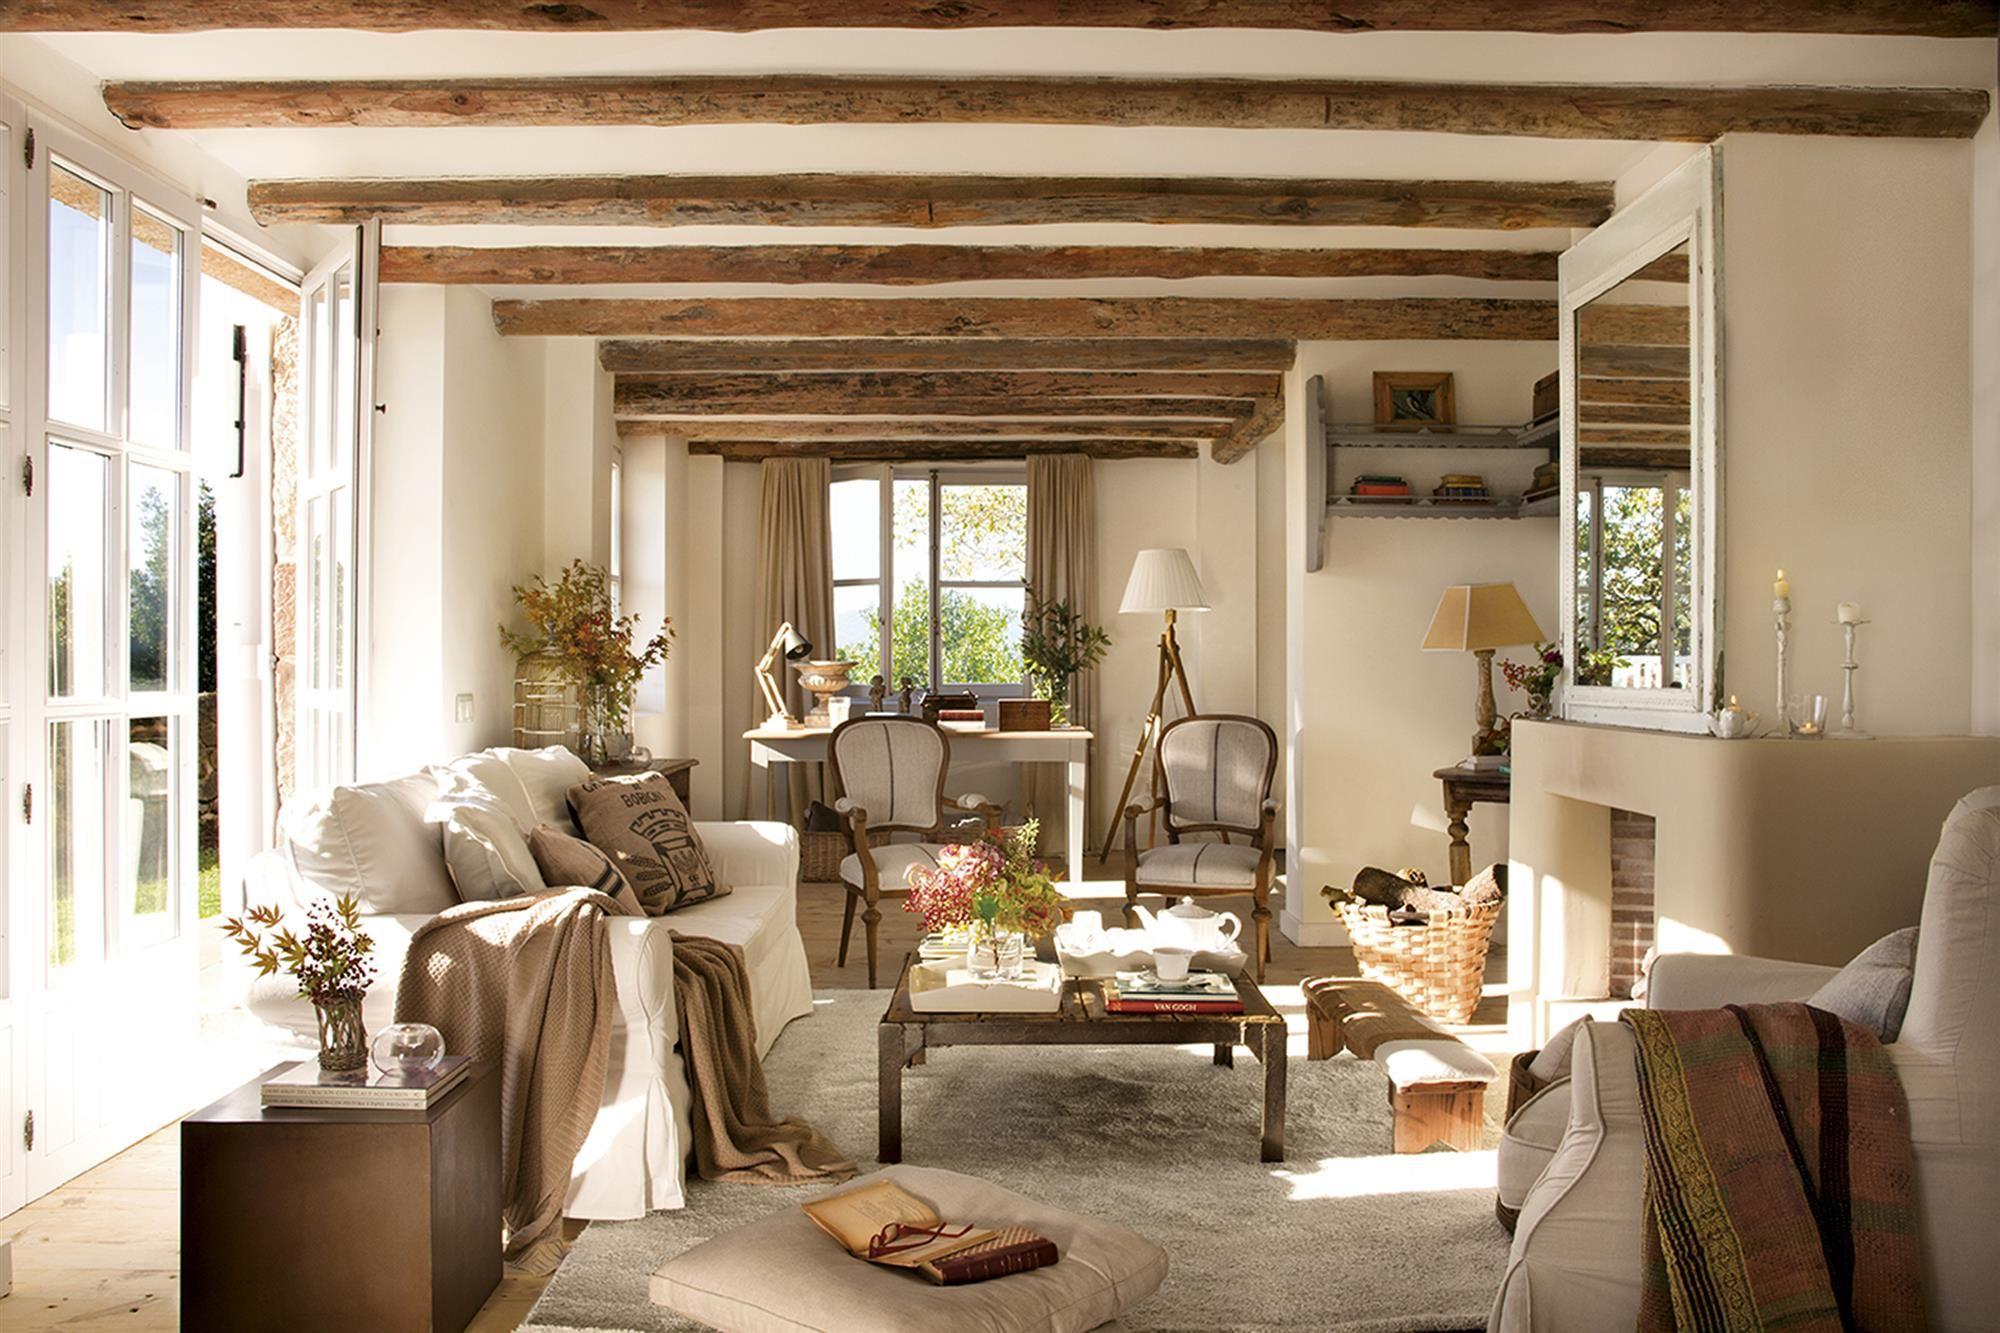 Pero qu acogedor rustic decorar casas peque as - Casas de campo el mueble ...